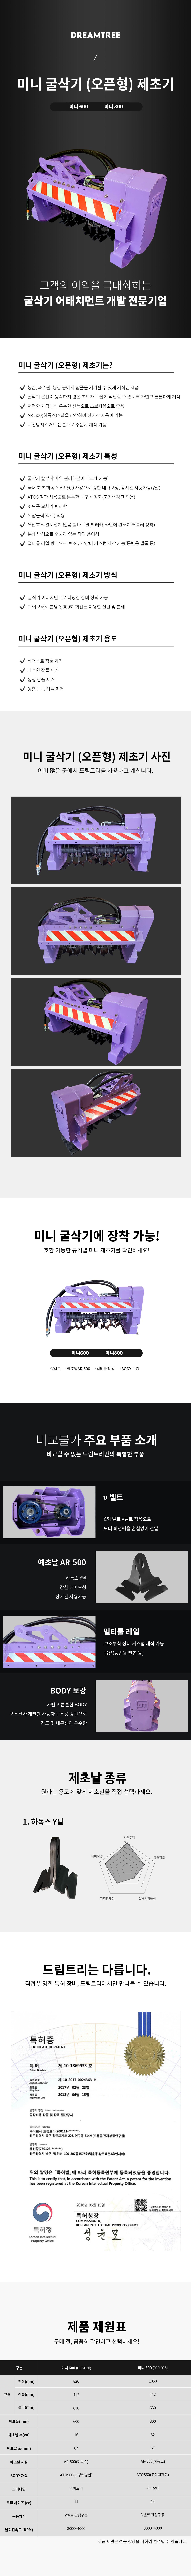 미니-굴삭기(오픈형)-제초기_용량.jpg